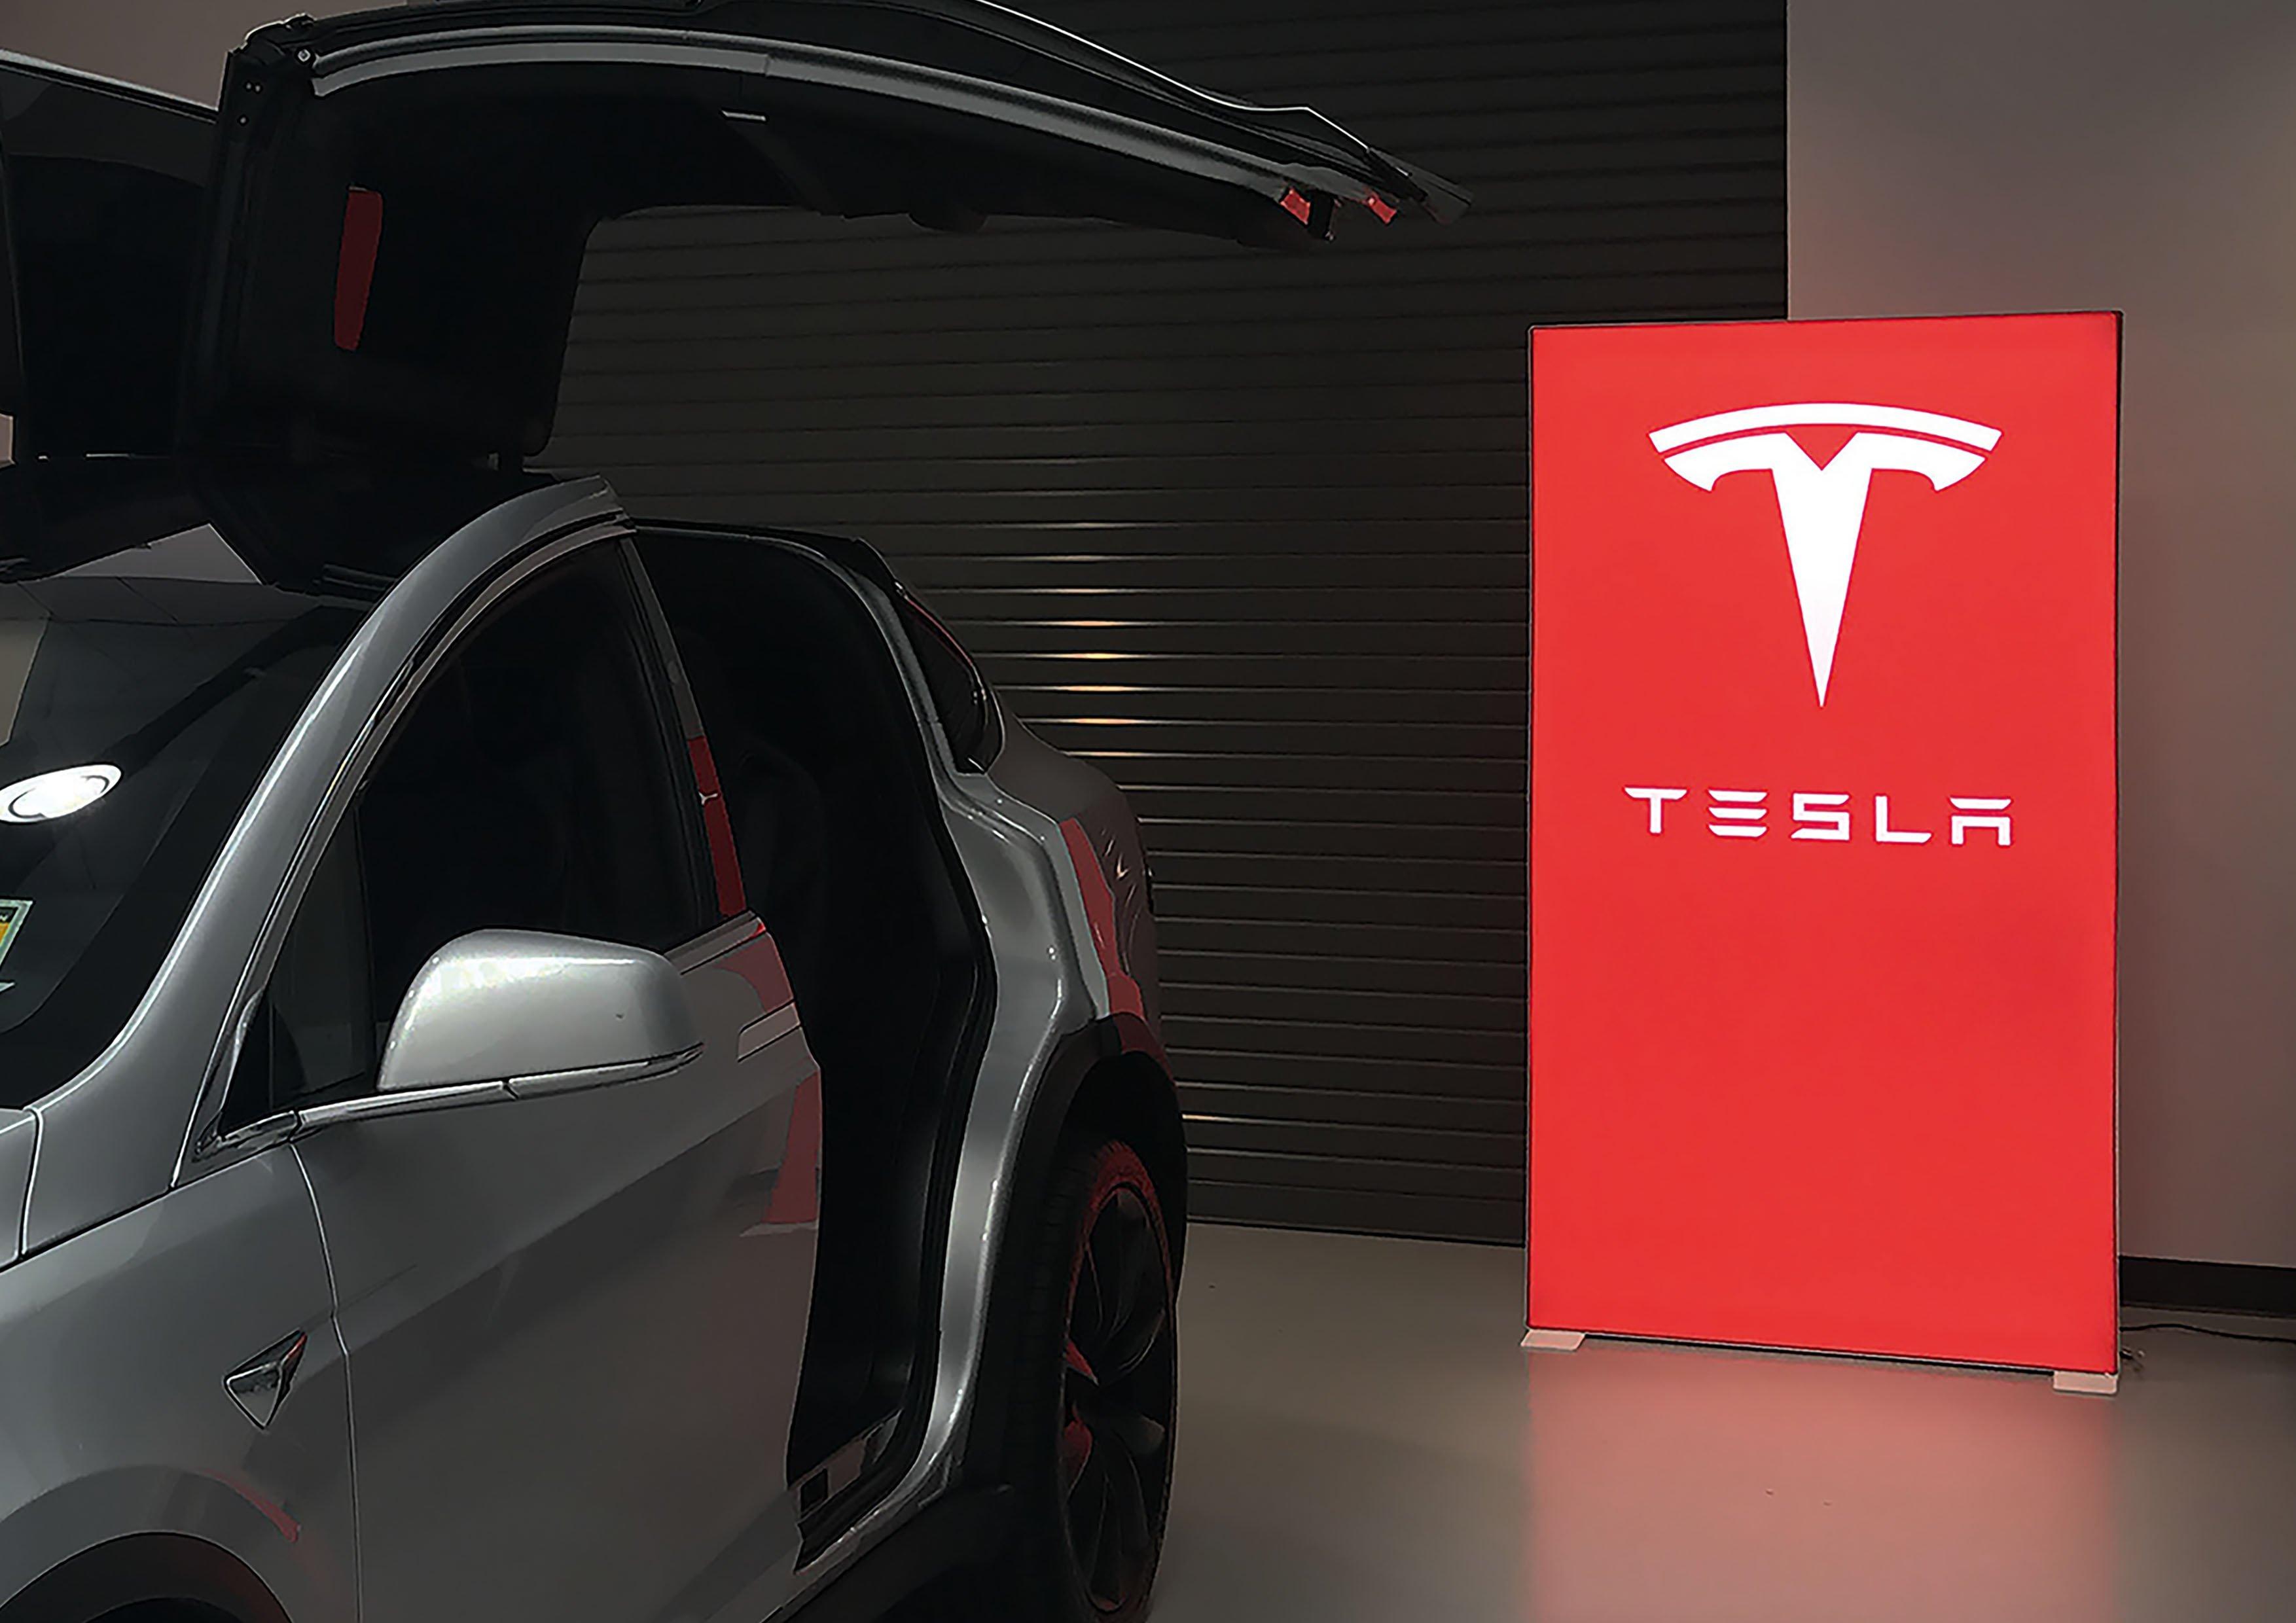 PIXLIP GO_Anwendungsbeispiel_Tesla.jpg